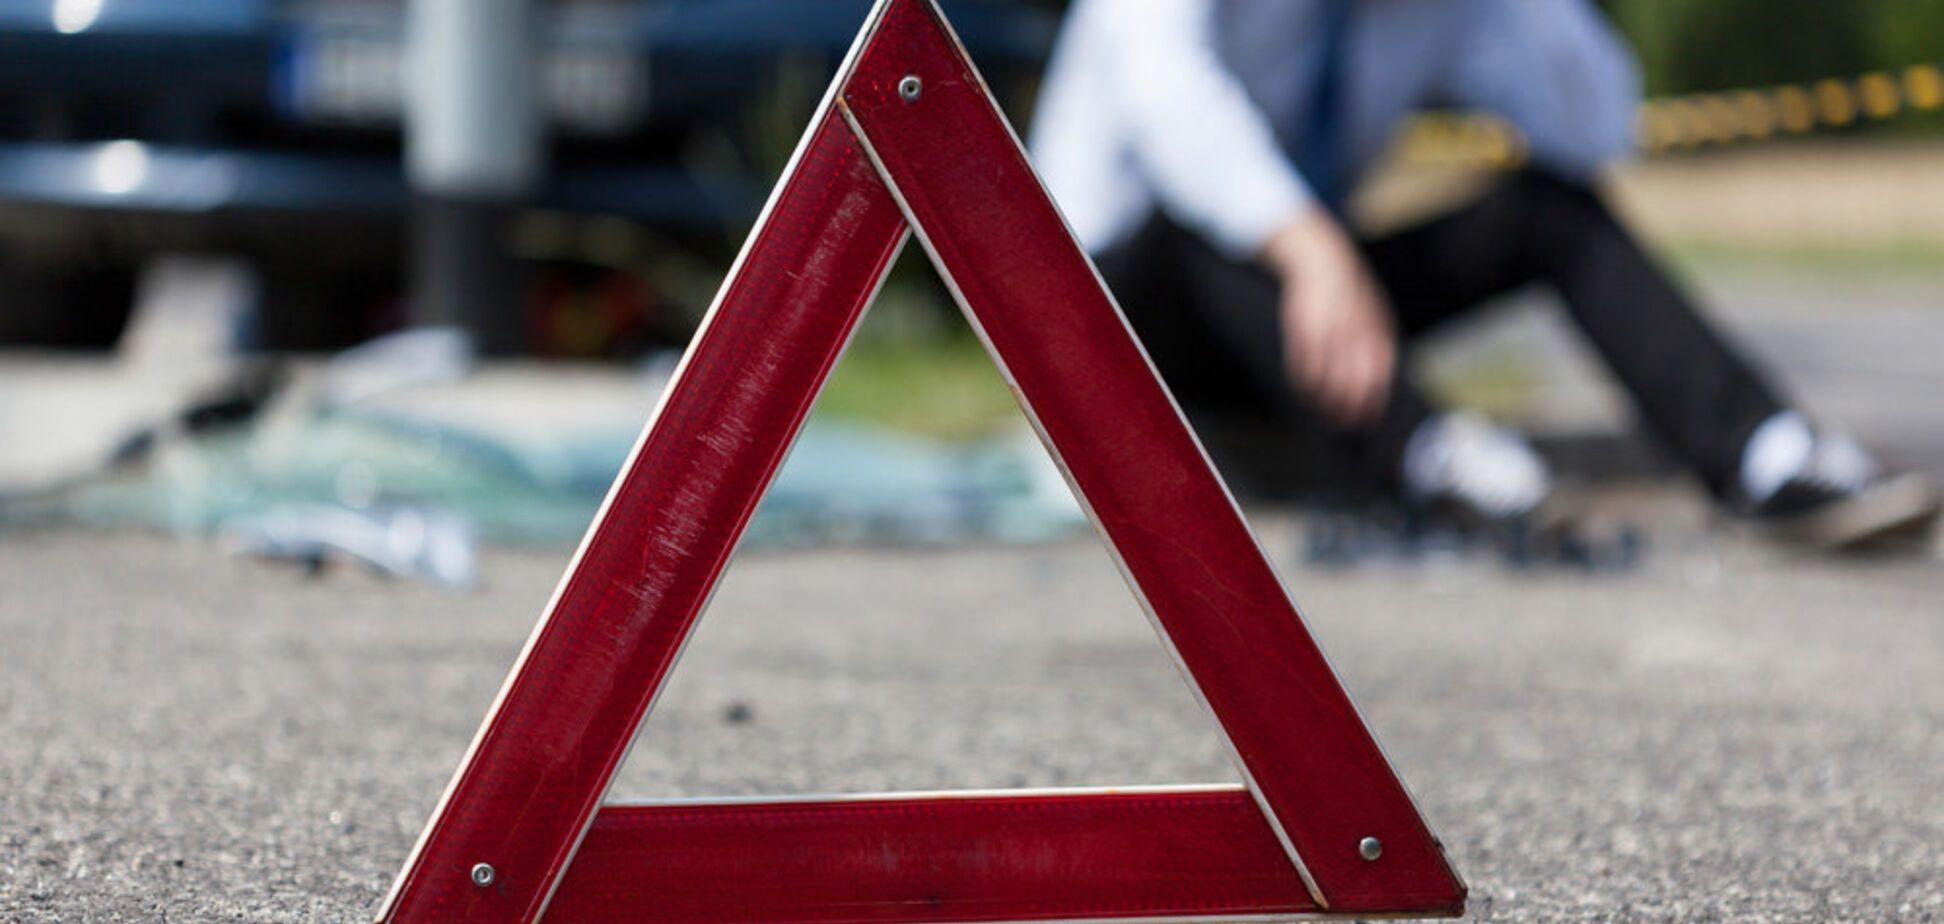 П'яний українець влаштував смертельну ДТП у Польщі